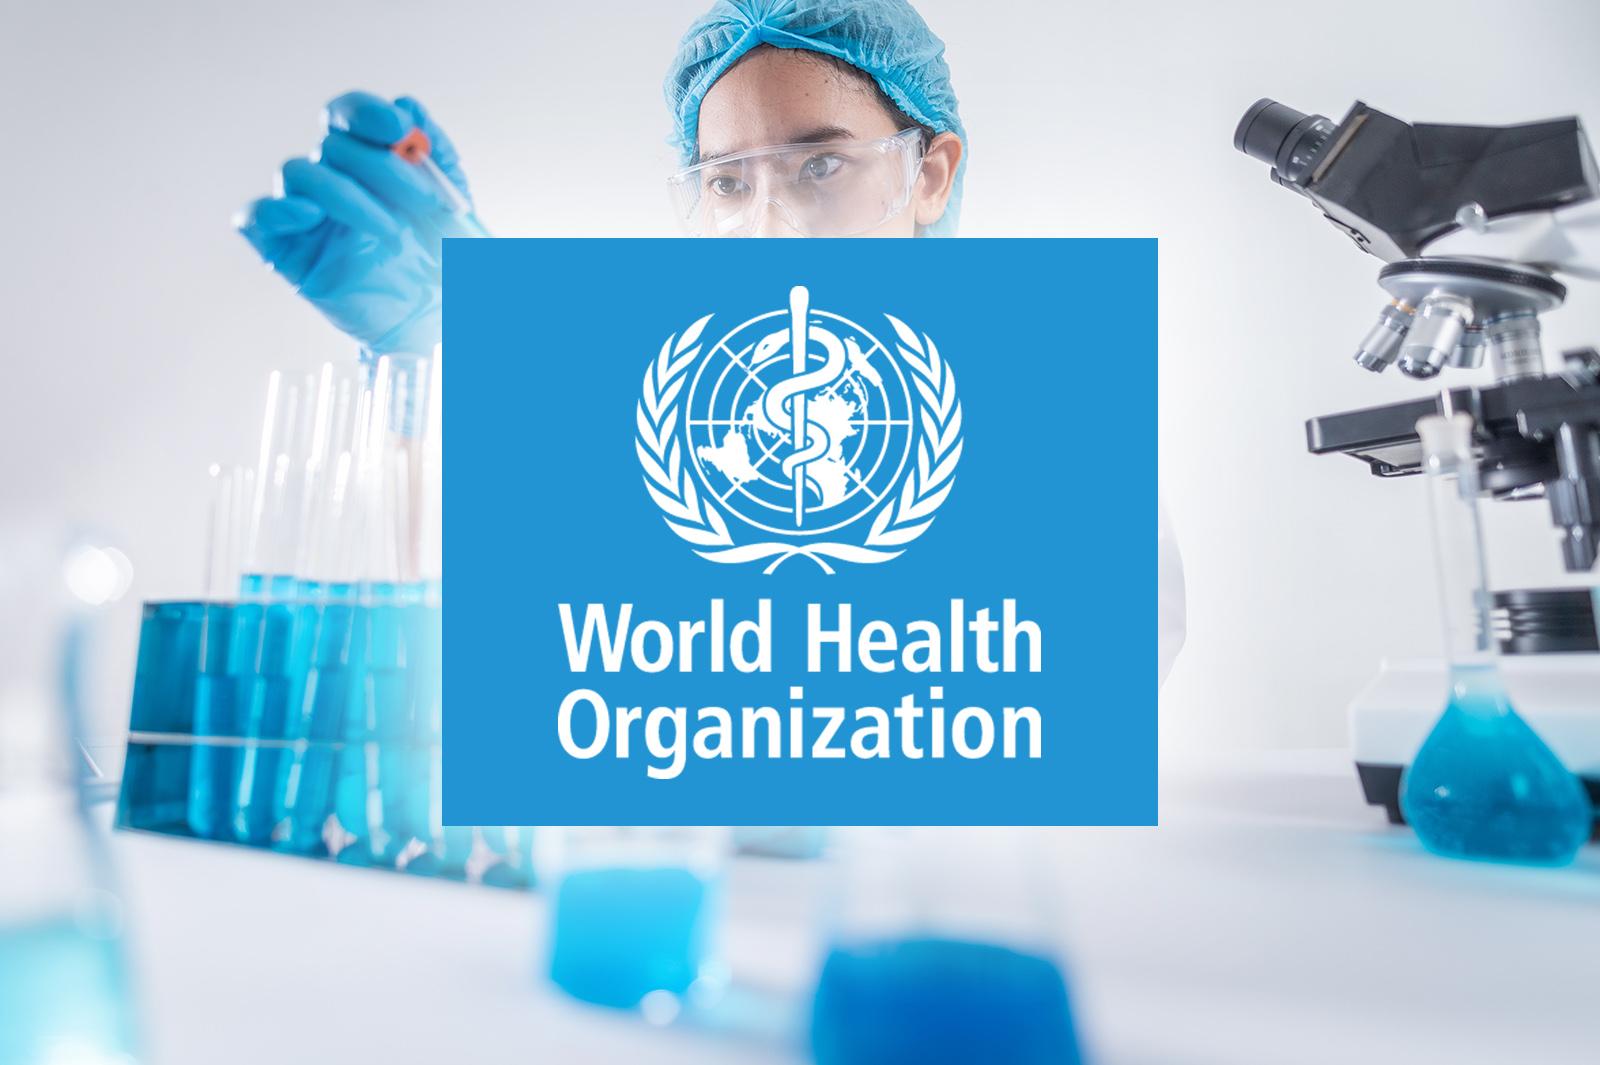 """Παγκόσμιος Οργανισμός Υγείας κορωνοϊός: """"Καμπανάκι"""" κινδύνου για αύξηση κρουσμάτων"""